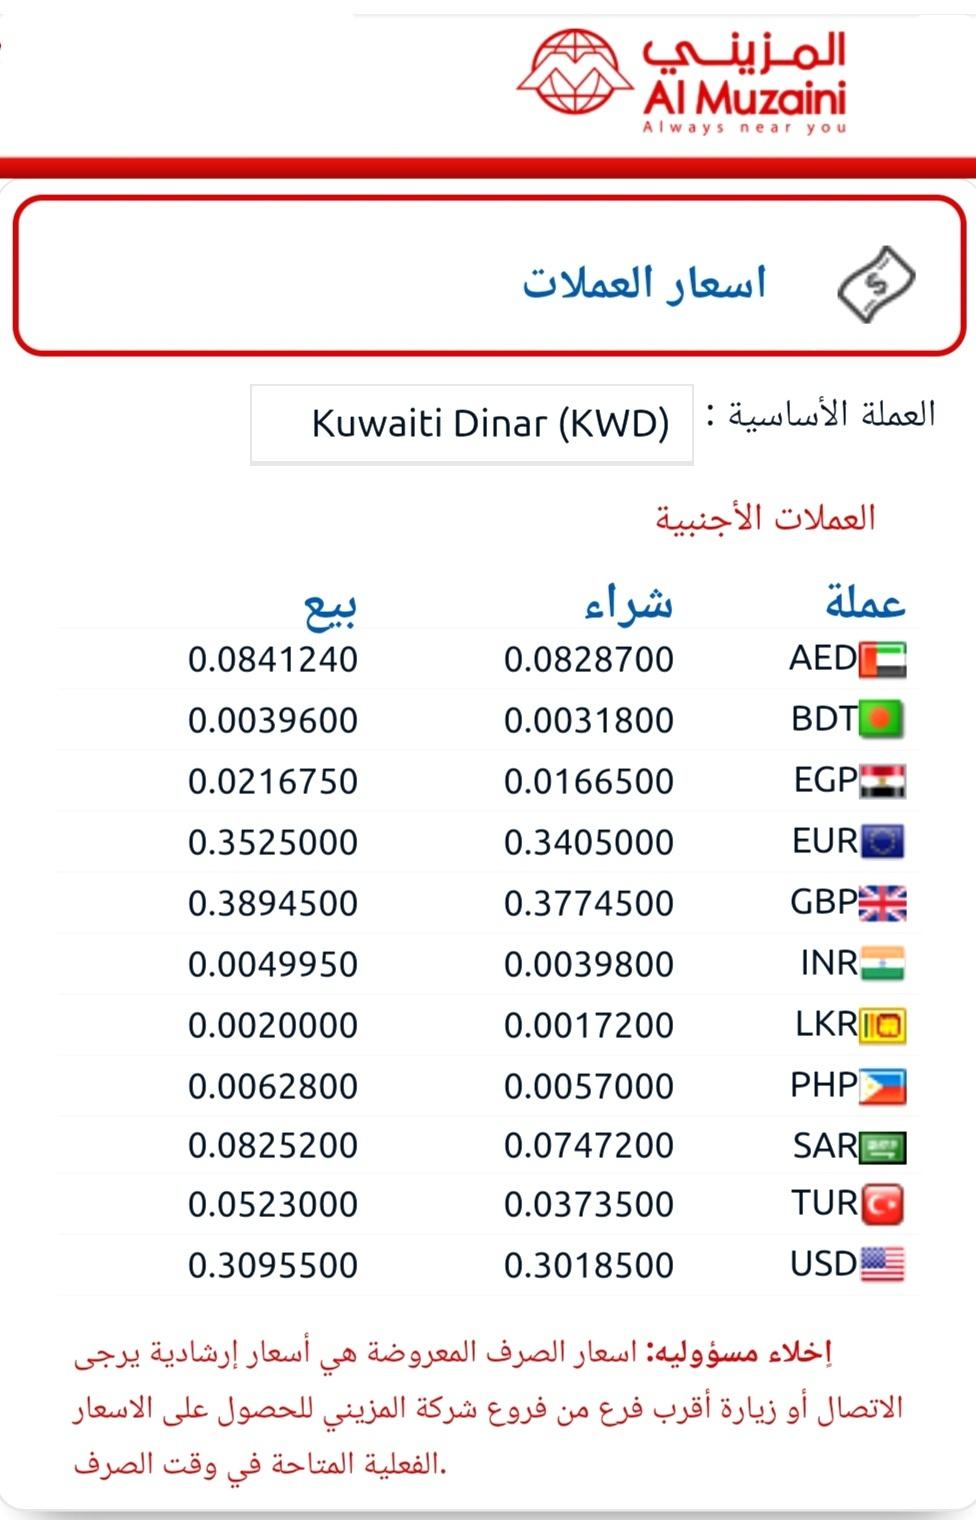 شركة المزيني الكويت سعر تحويل الدينار اليوم سعر تحويل الدولار وتحويل الجنية المصرى ٢٤ يونيو ٢٠٢٠